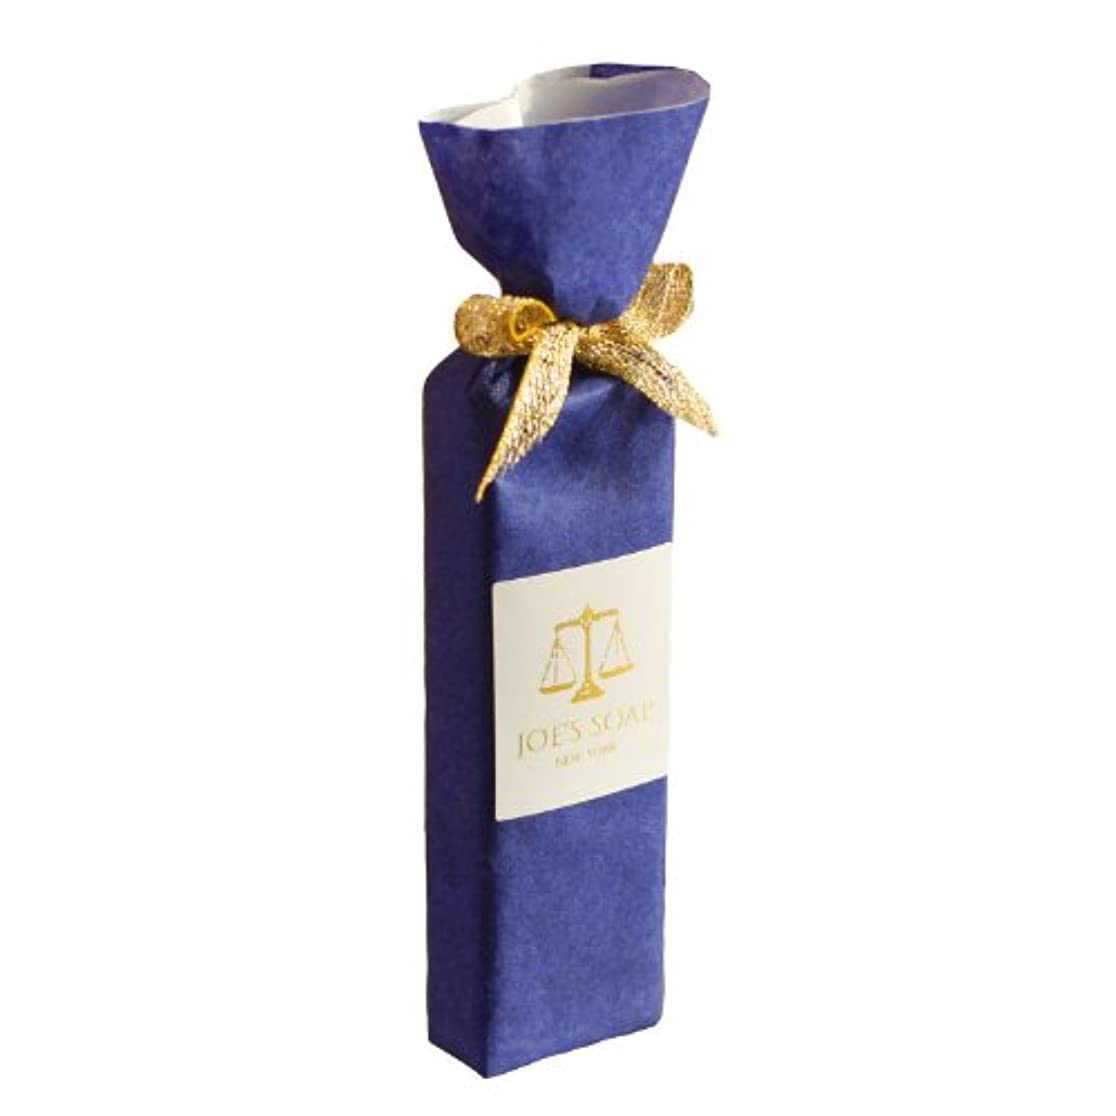 ルール予想外圧縮されたJOE'S SOAP ジョーズソープ オリーブソープ NO.5 LAVENDER ラベンダー20g お試し トライアル 無添加  石鹸 オーガニック 保湿 洗顔 乾燥肌 敏感肌